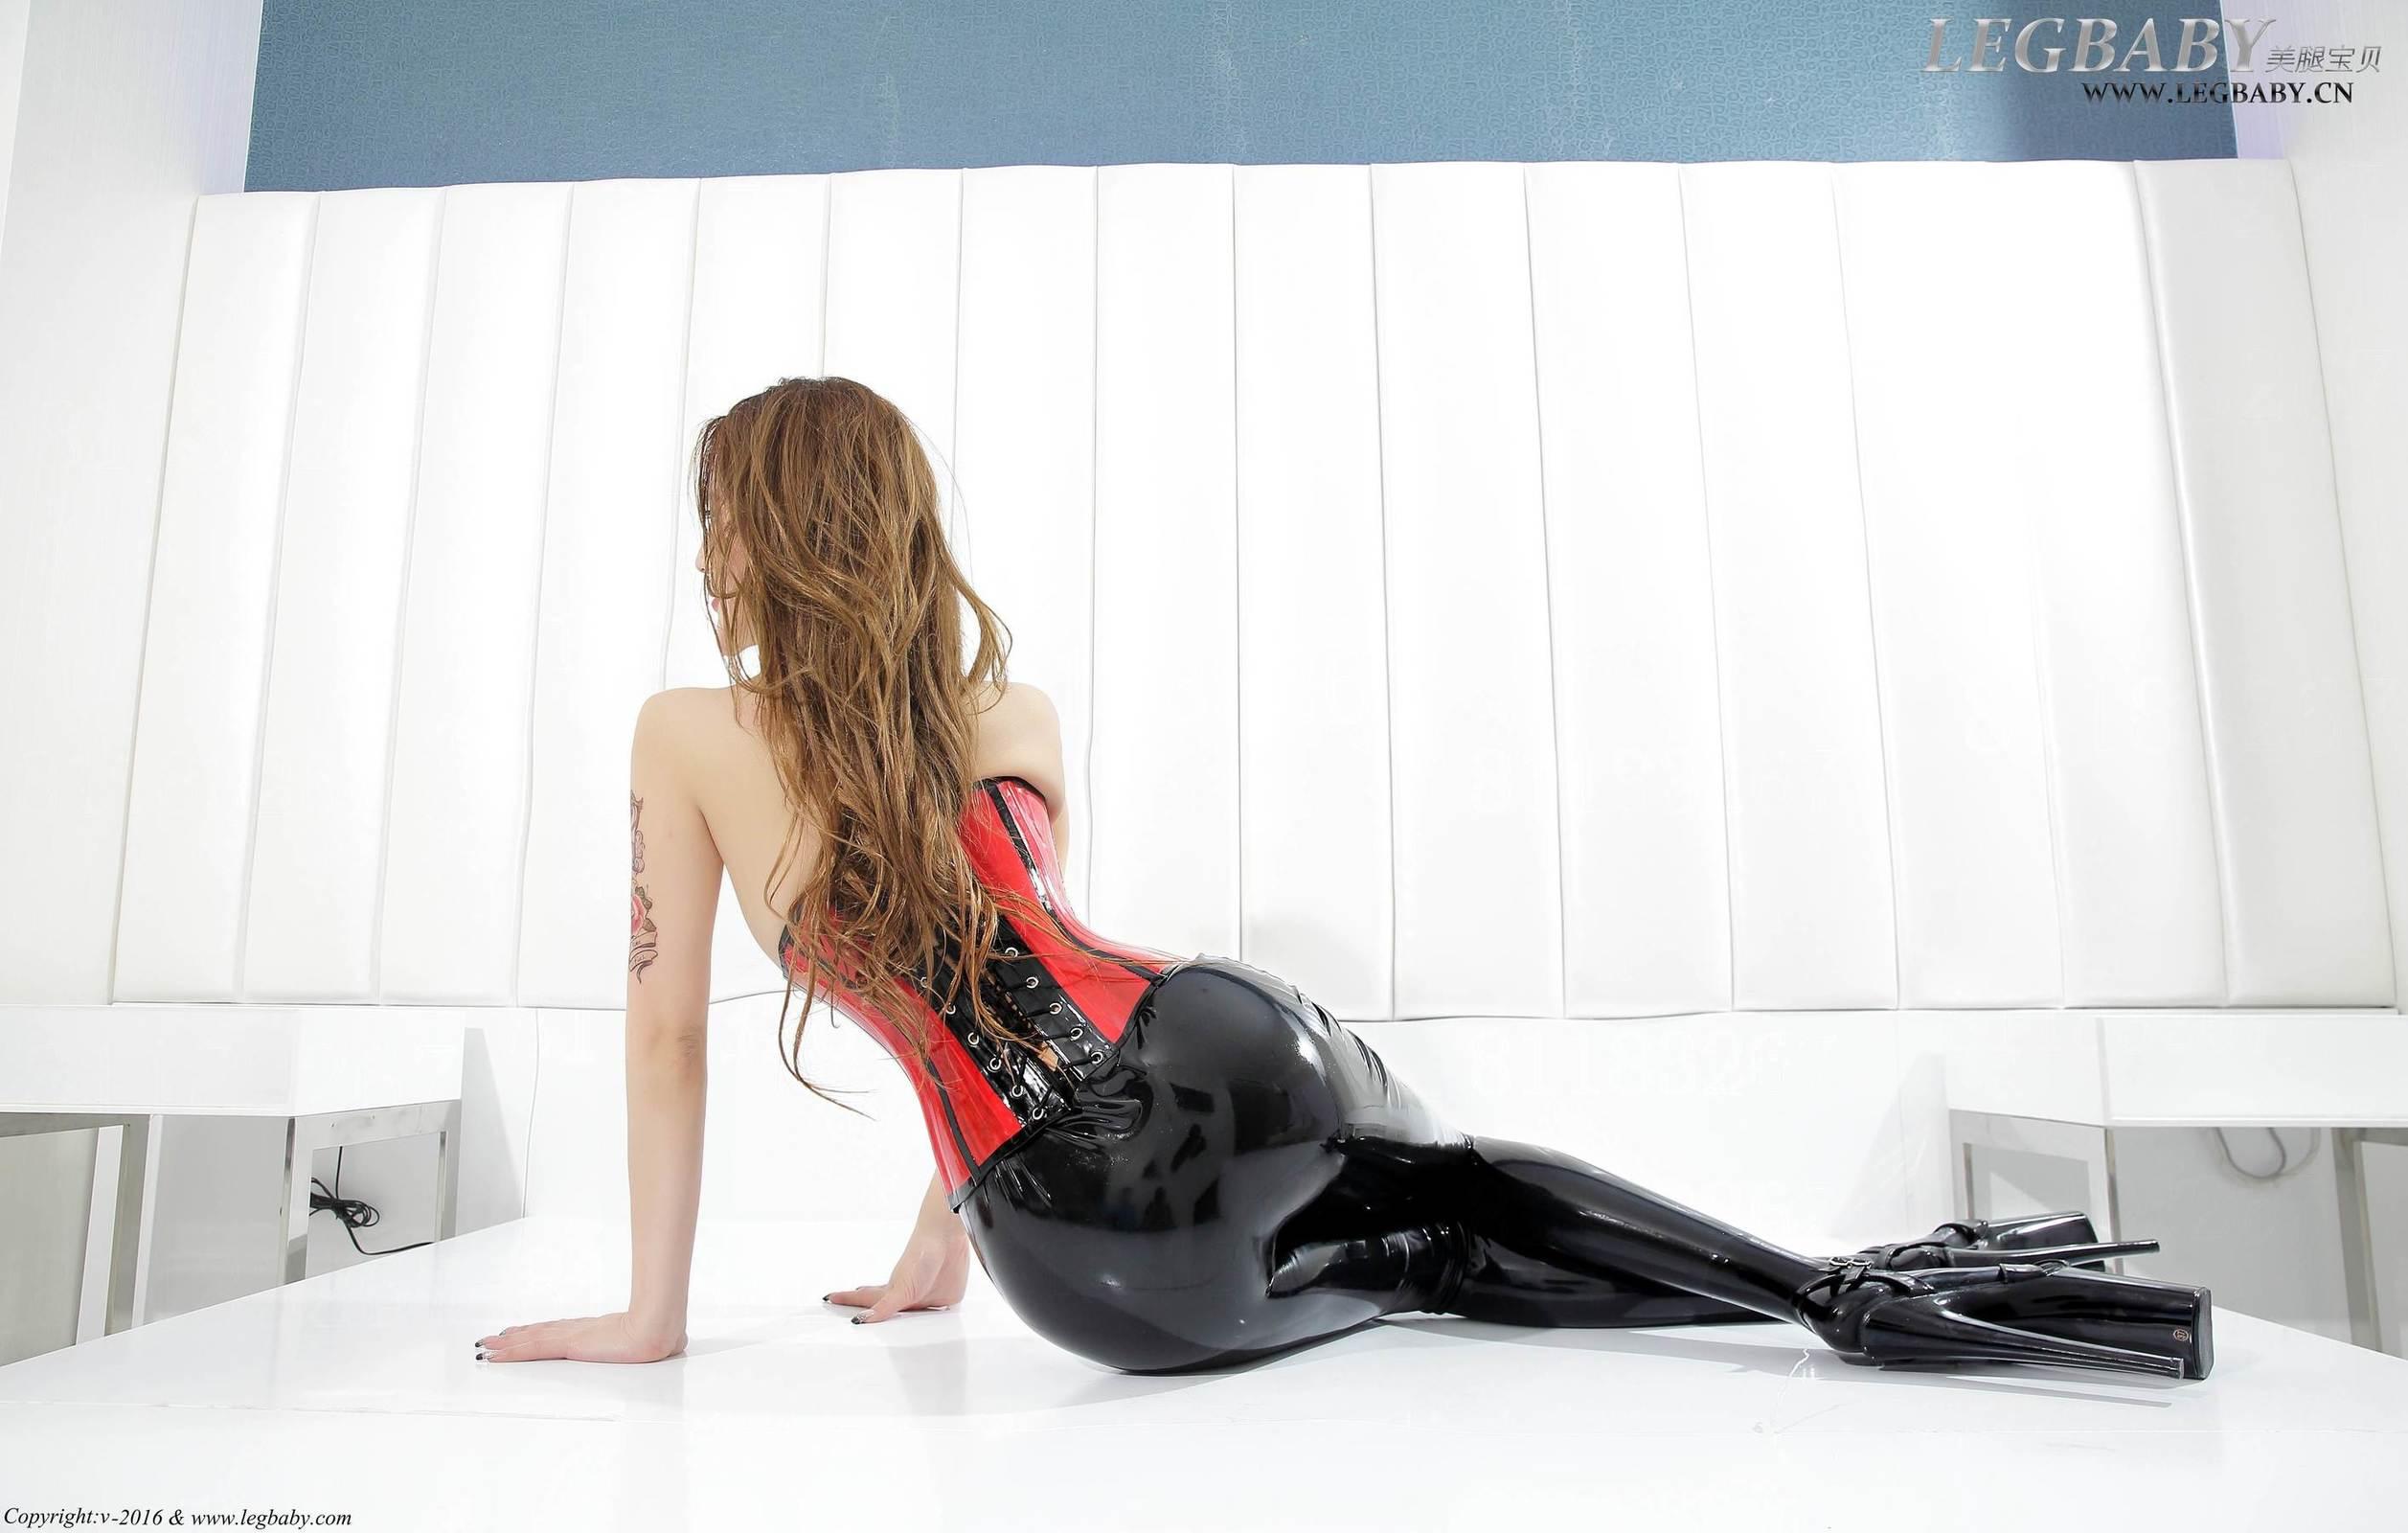 陈雅漫 - 黑色胶裤 写真套图